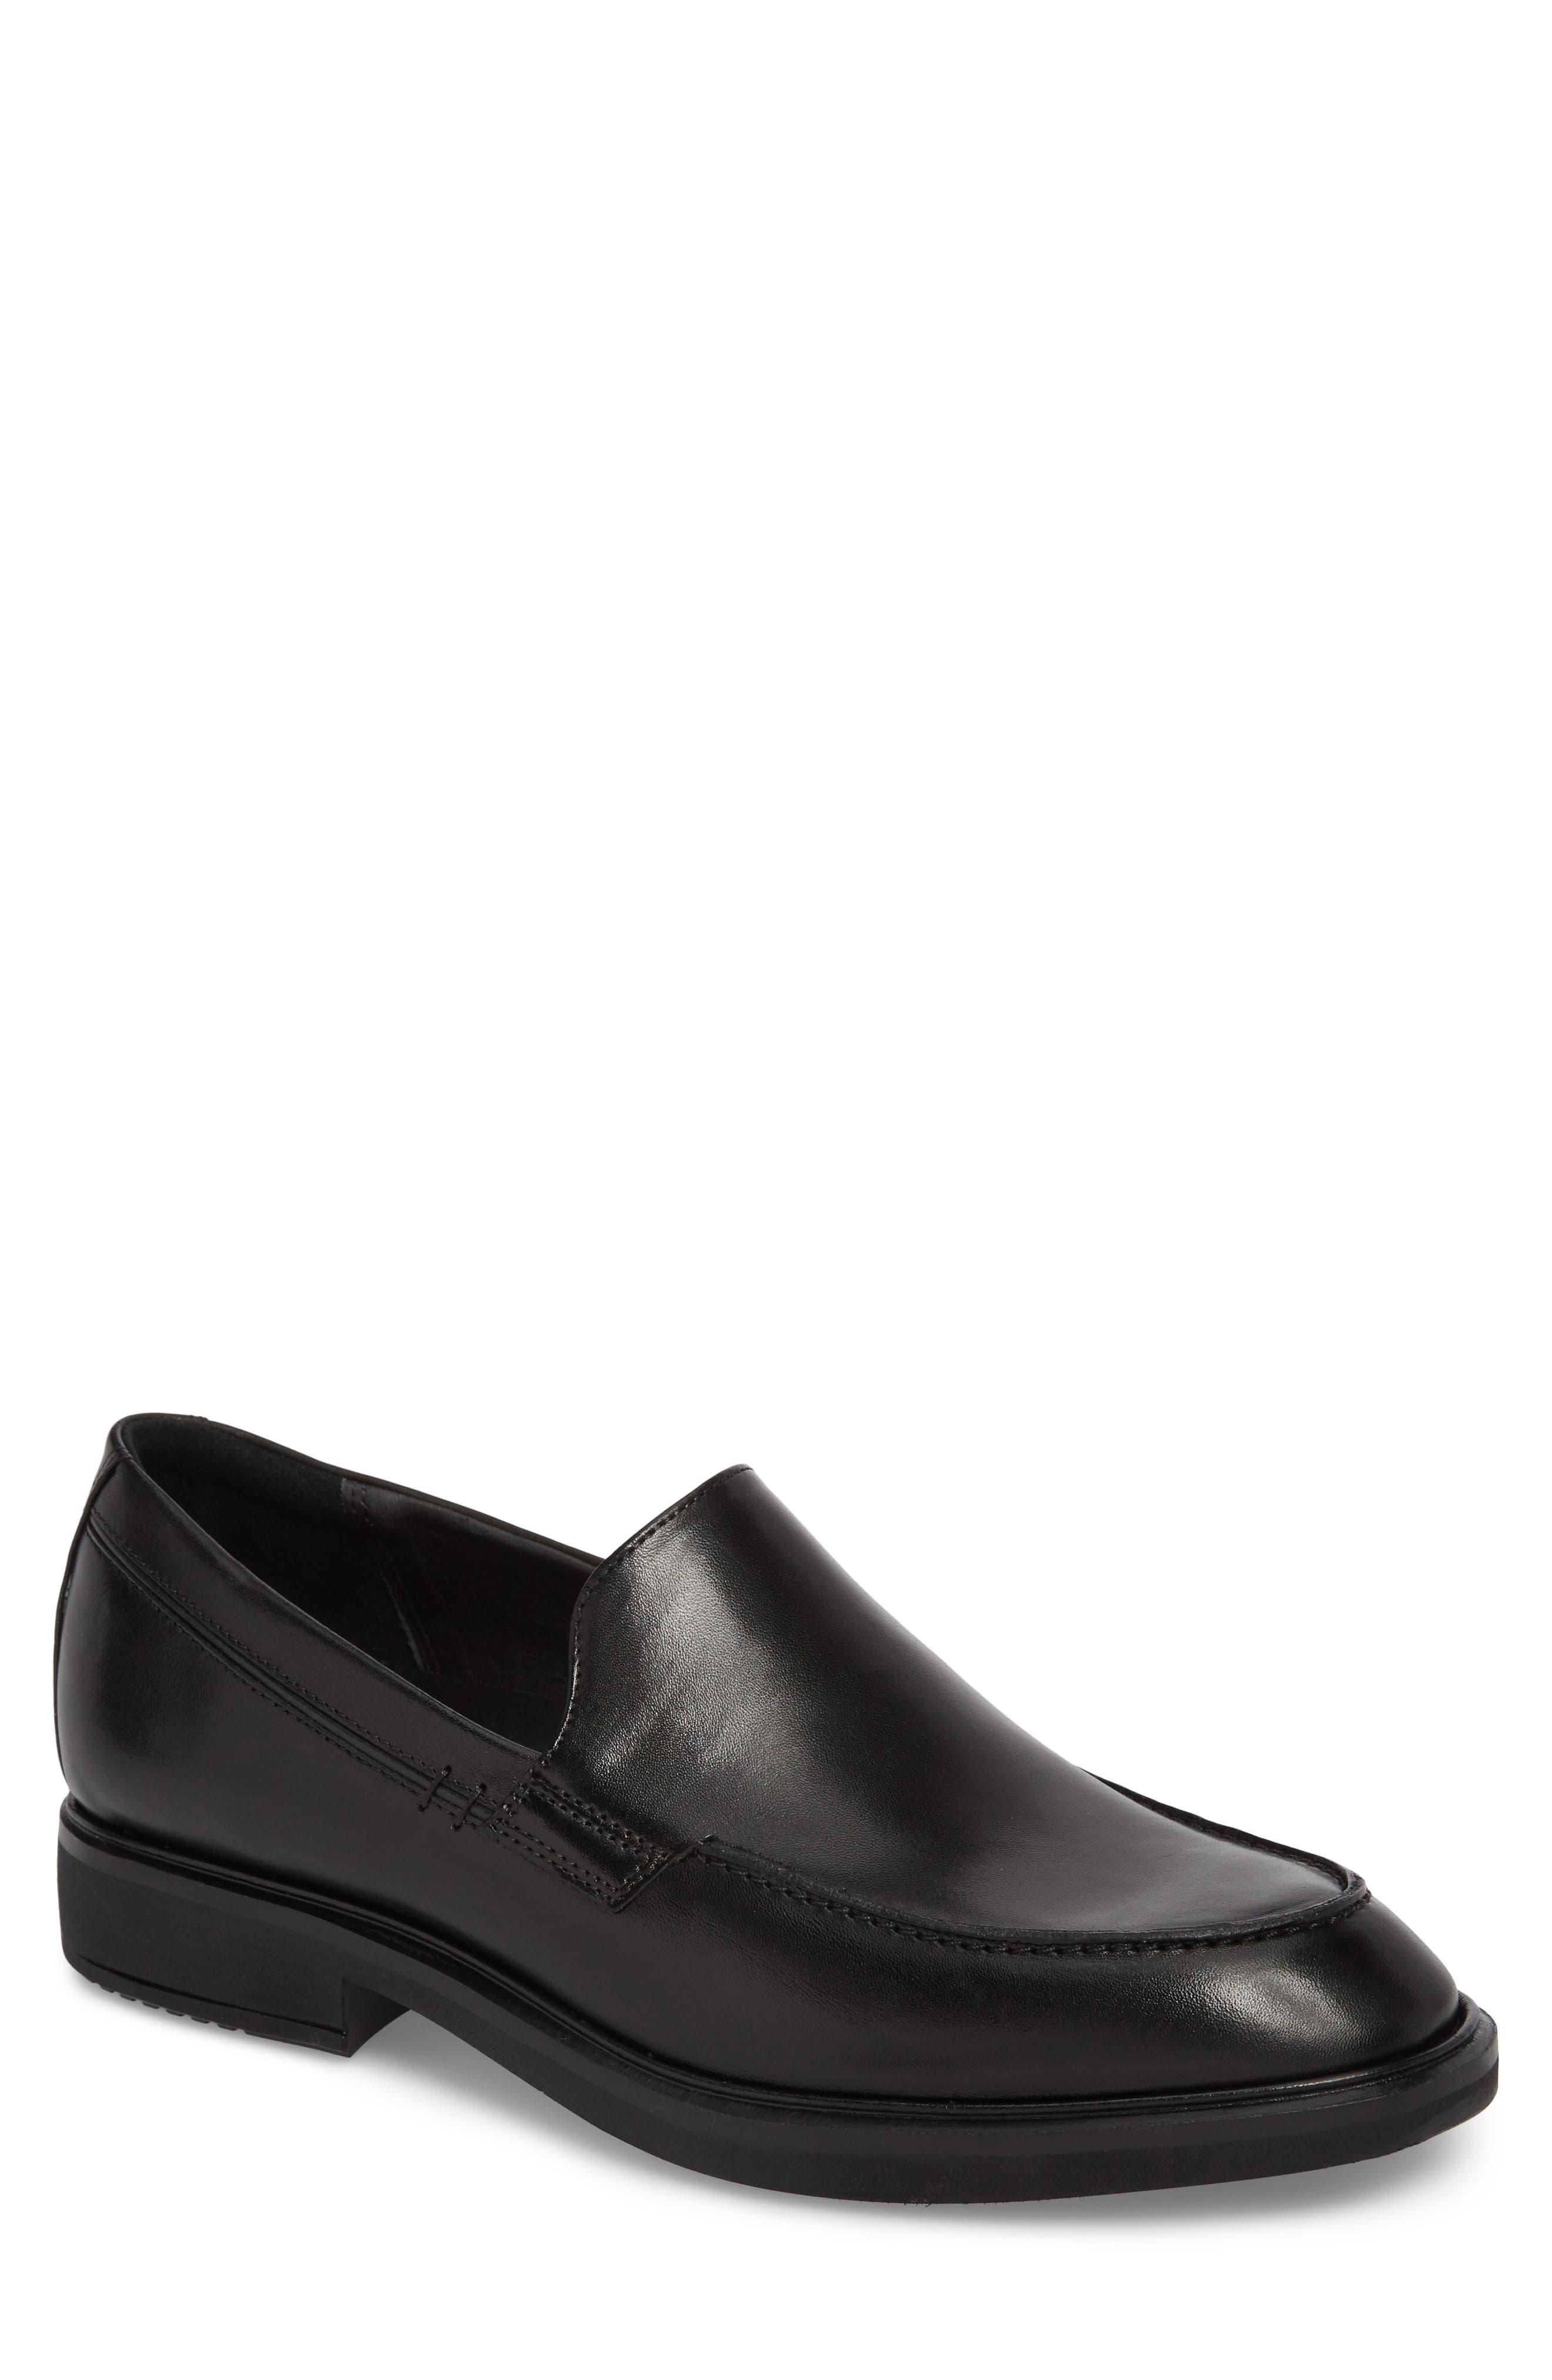 Vitrus II Apron Toe Loafer,                         Main,                         color,